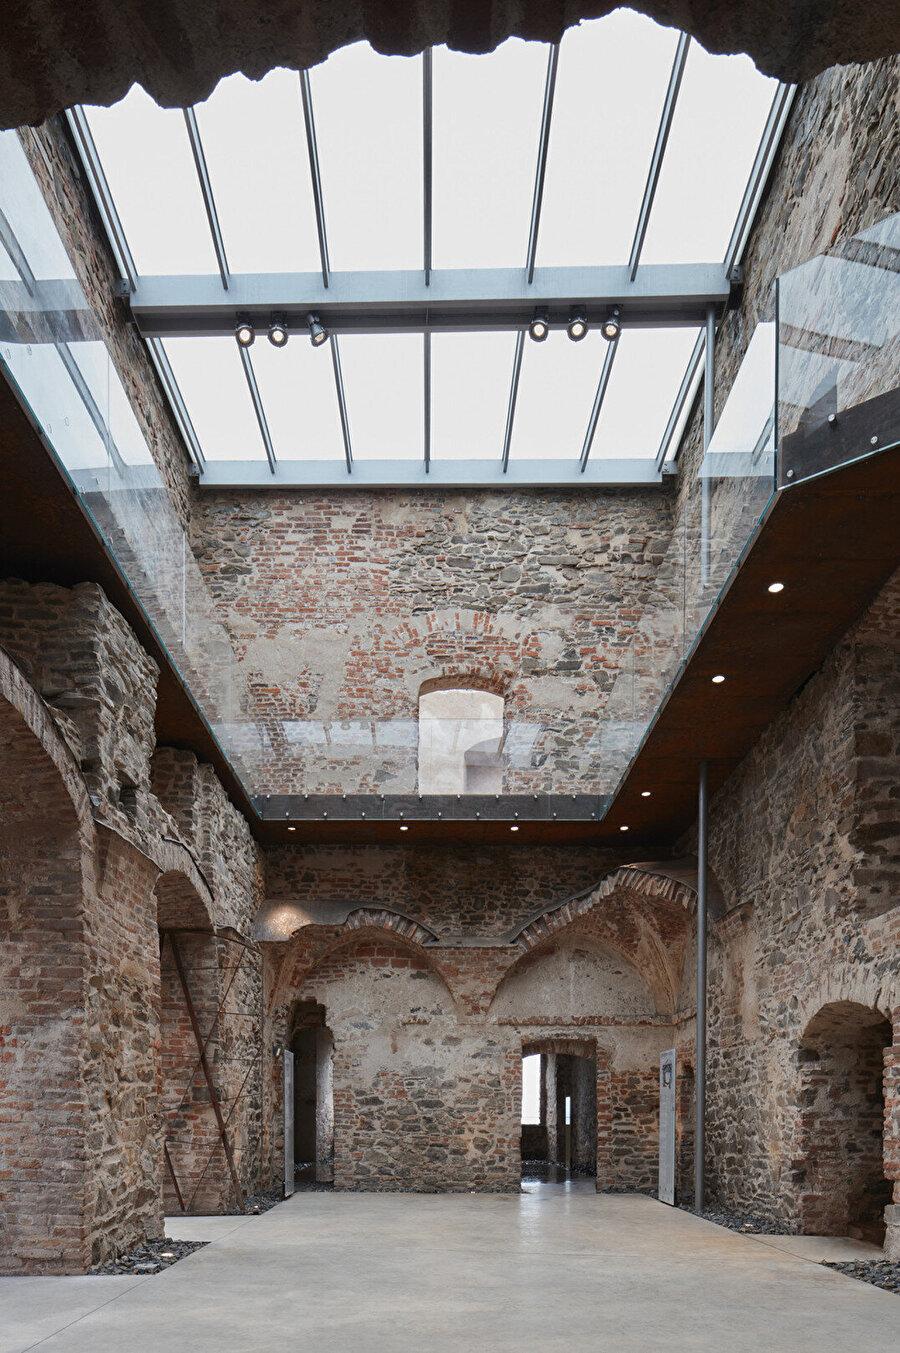 Sarayın büyük bölümü harap olduğu için, katlar yeniden oluşturuluyor.